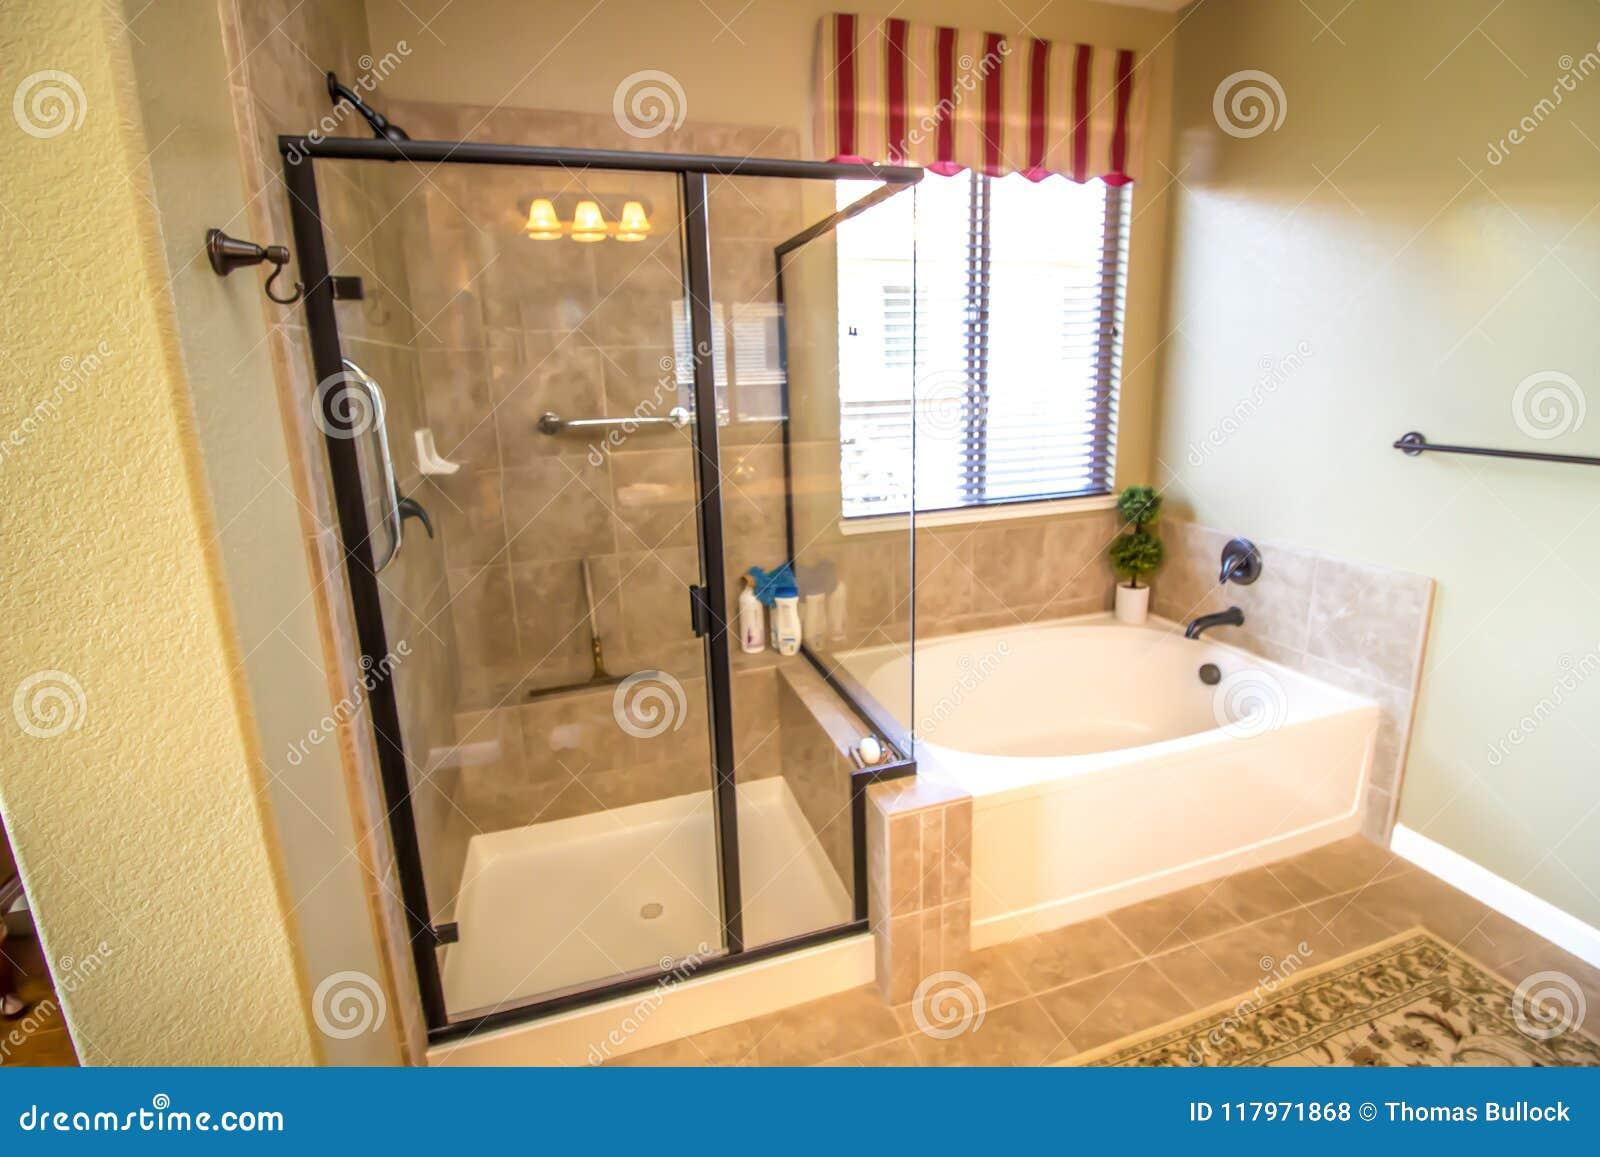 Modernes Badezimmer Mit Dusche Und Wanne Stockfoto - Bild ...